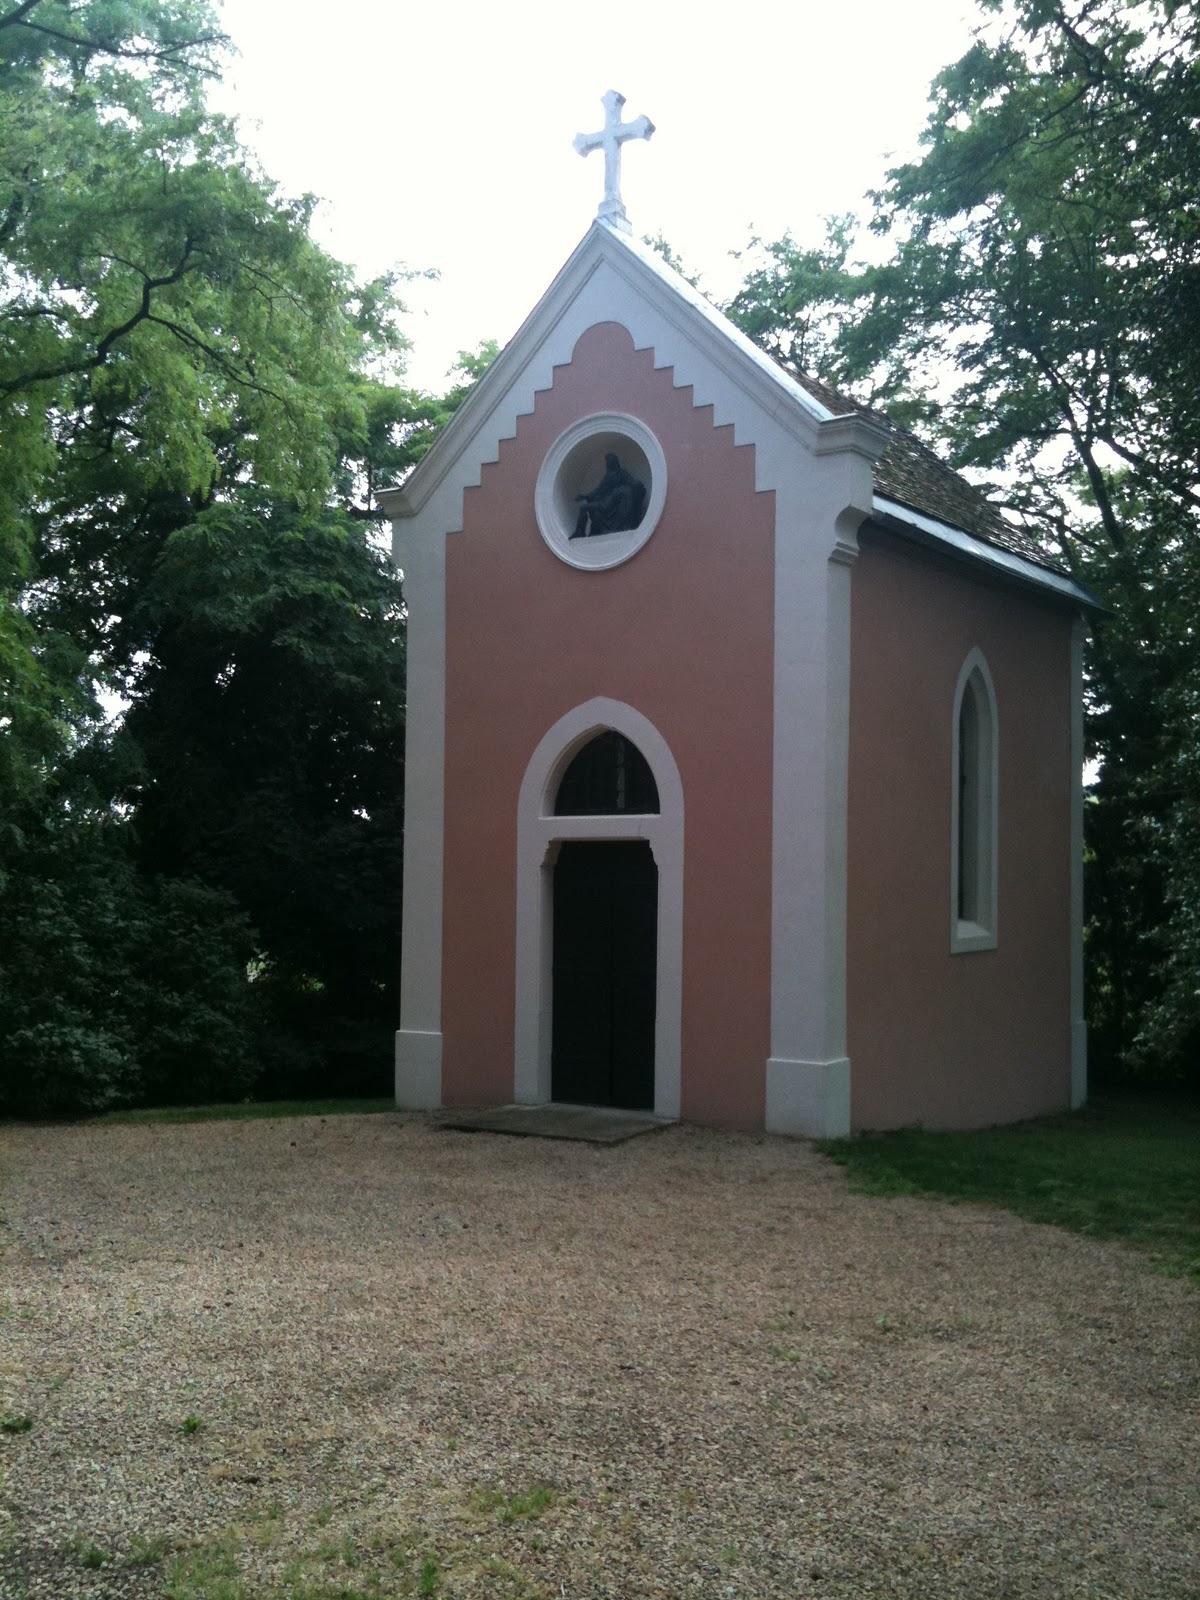 Mariage7mai2011 Salle Le Ch u00e2teau de la chapelle des bois Fleurie  # Chateau De La Chapelle Des Bois